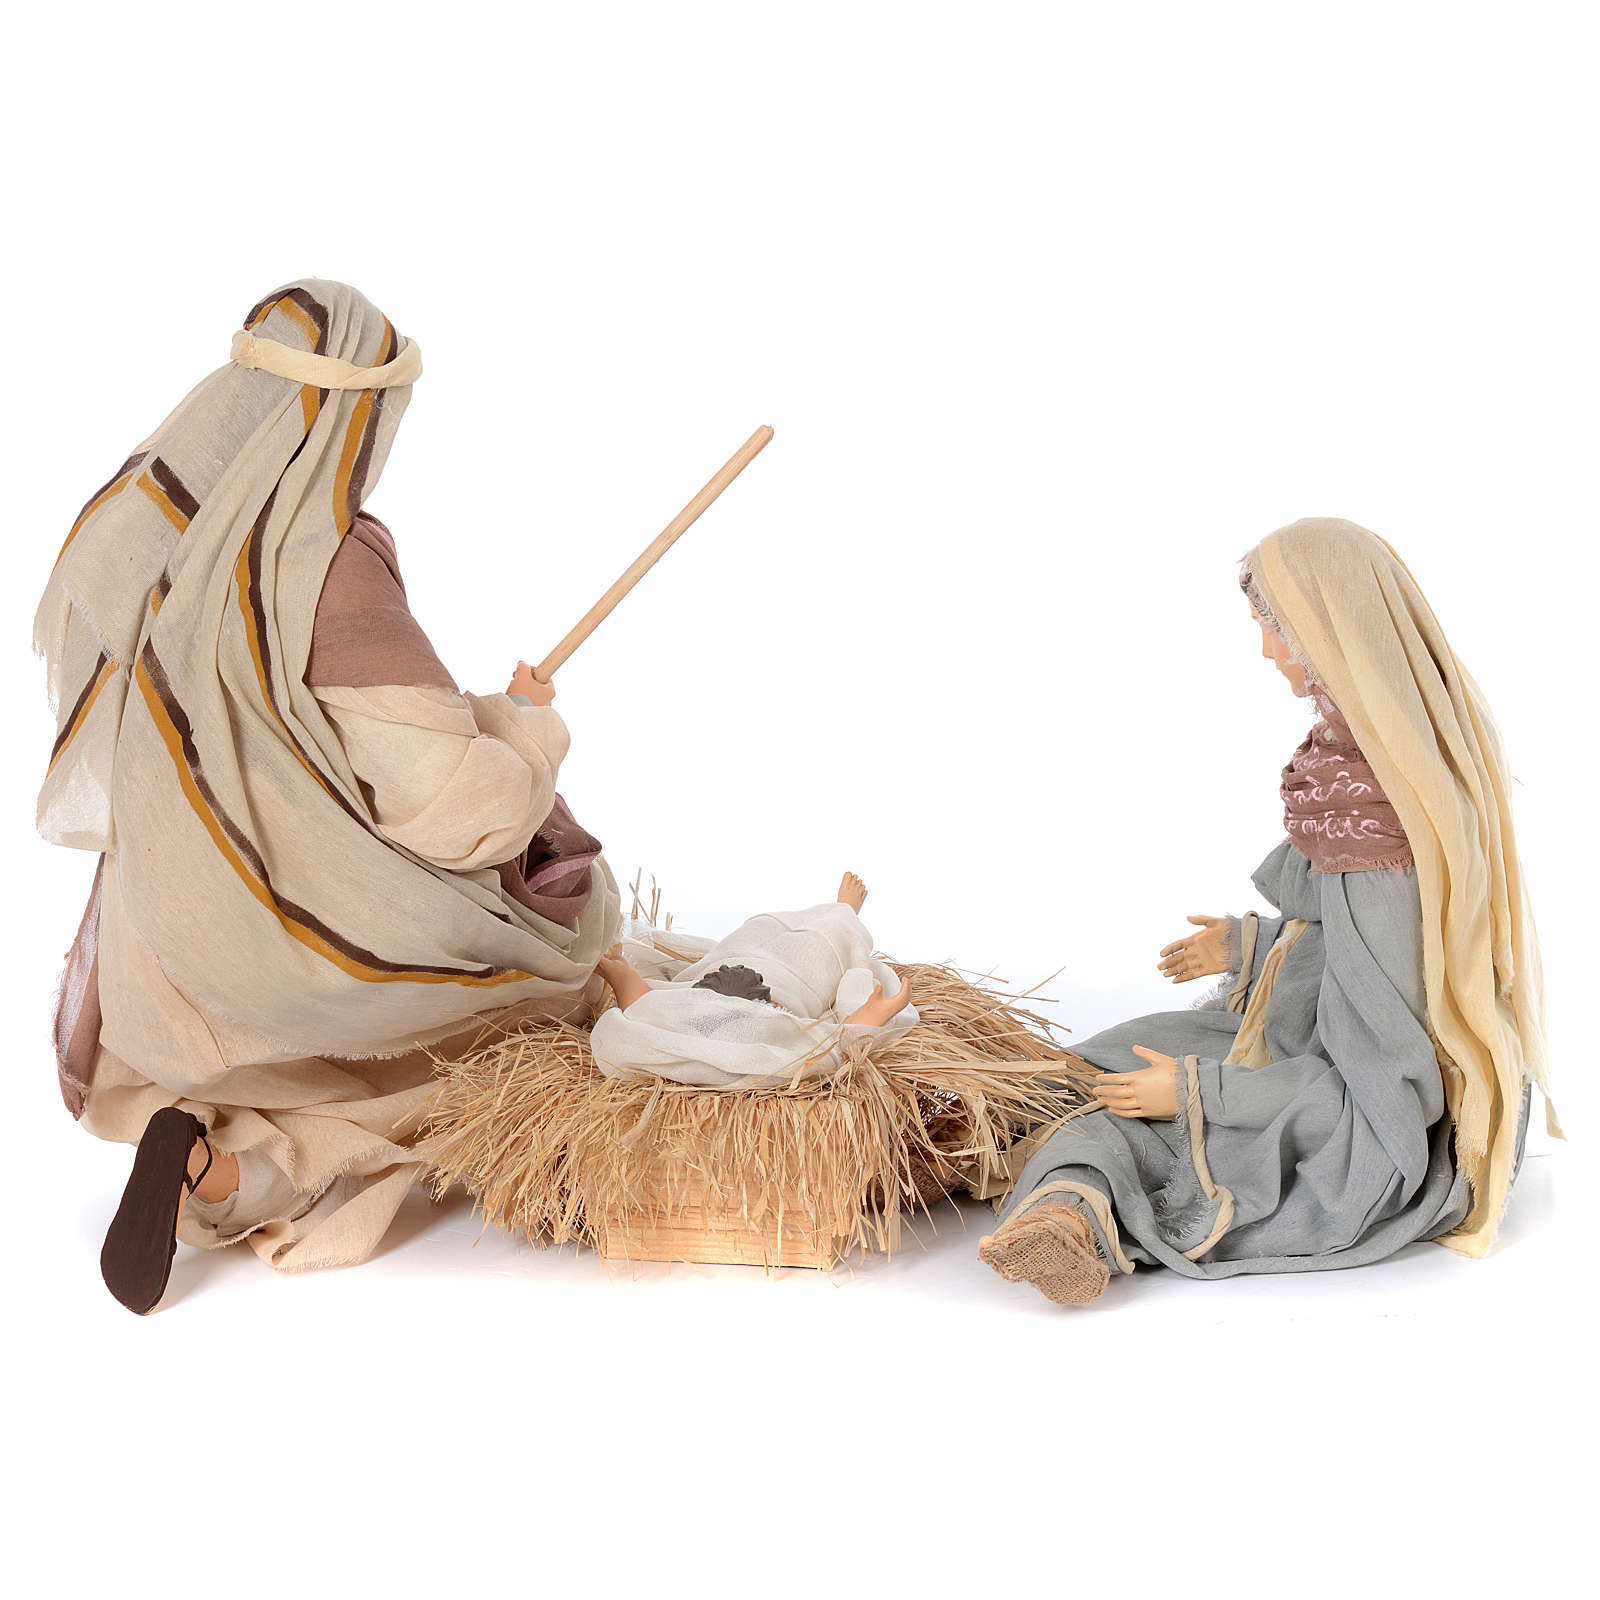 Sagrada Familia arrodillada 60 cm resina estilo rústico 3